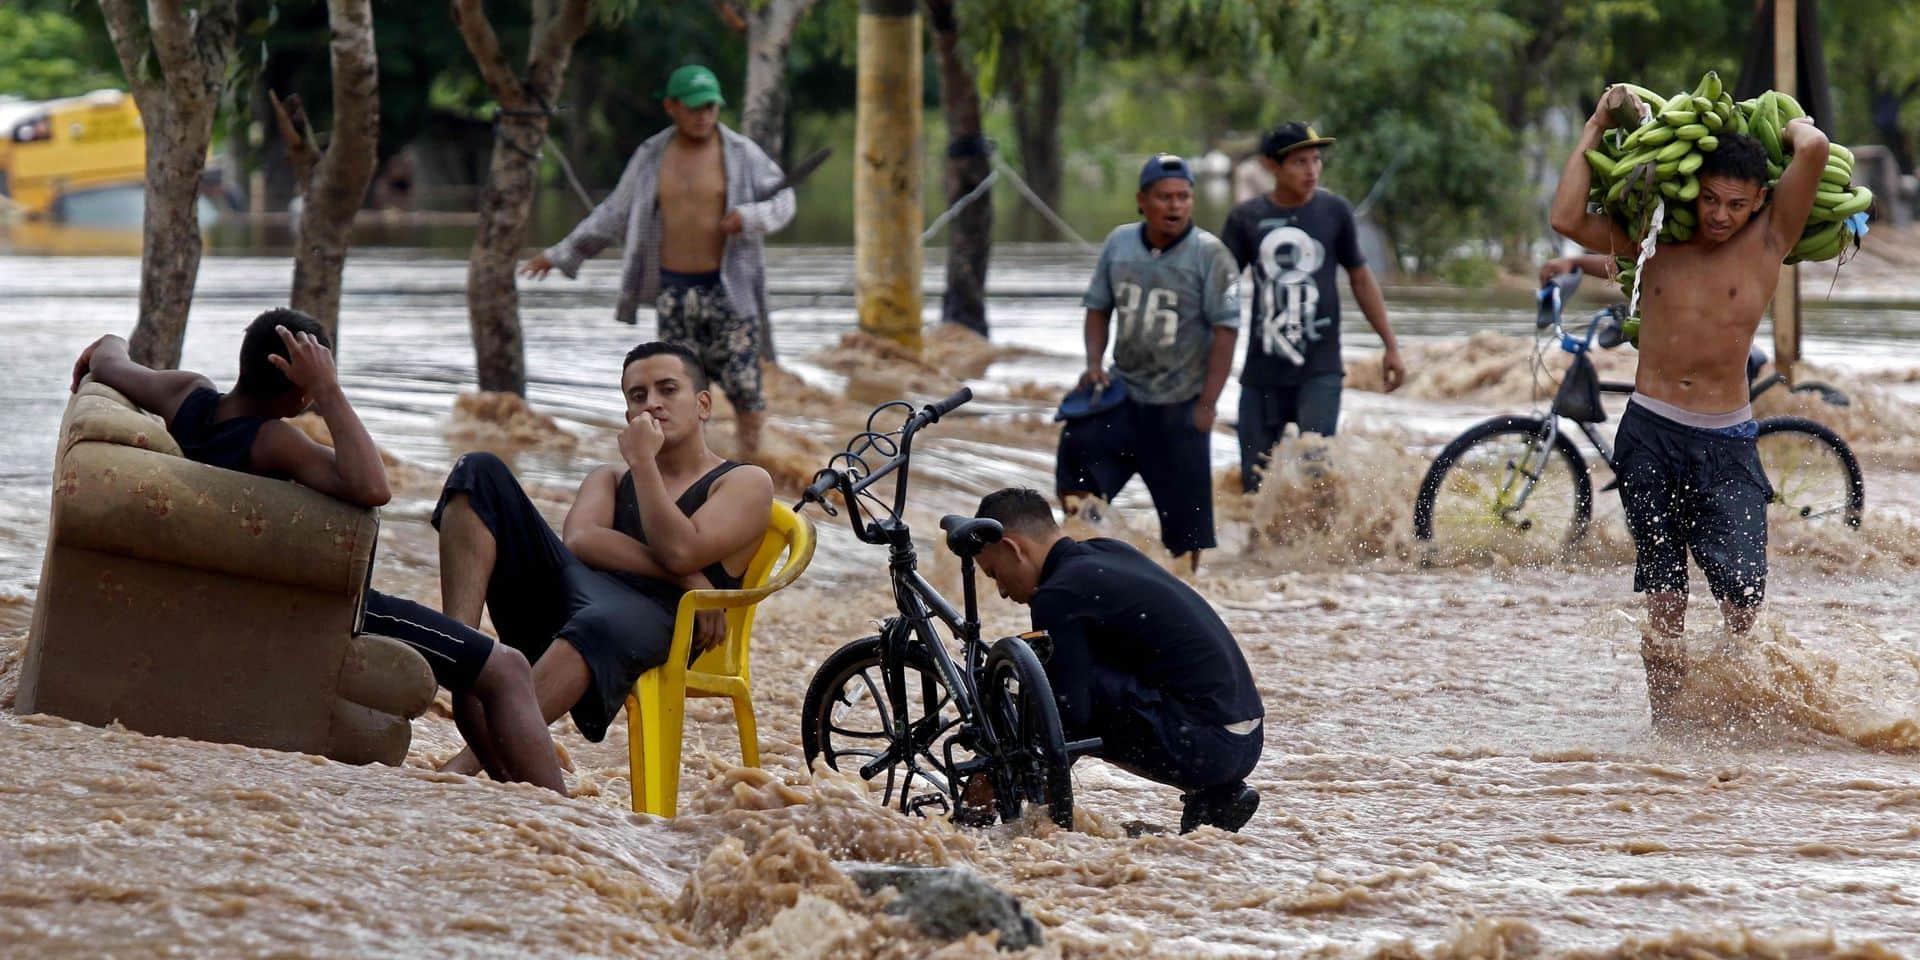 Le département du Yoro, au Honduras, a été particulièrement touché par la tempête Iota.